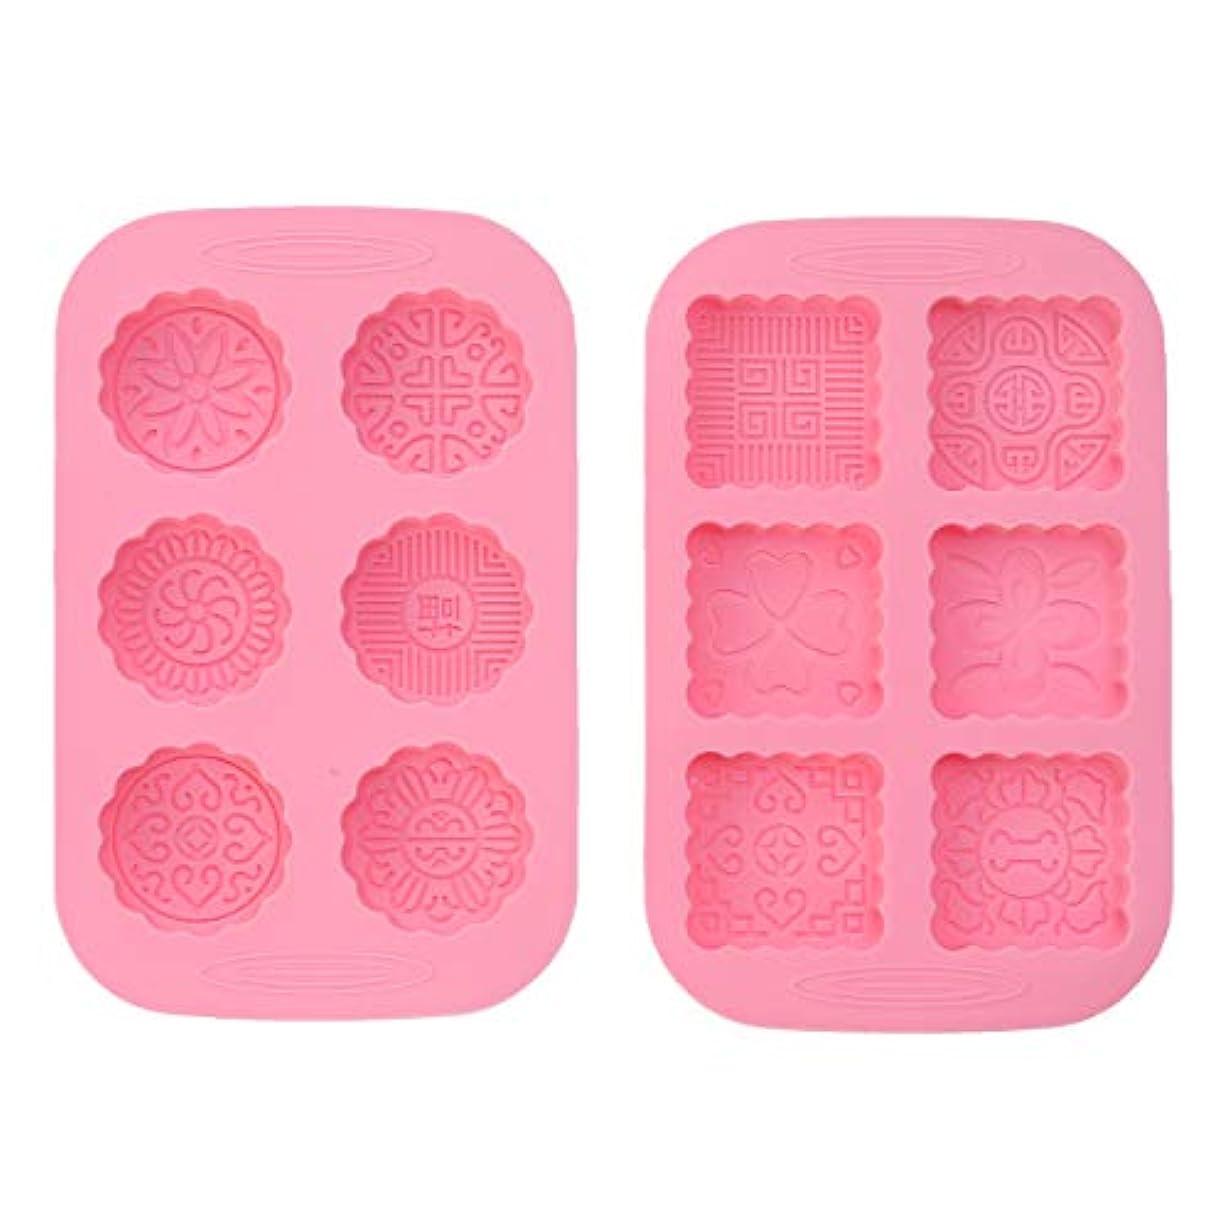 華氏塩ケイ素SUPVOX 2本シリコンケーキマフィンムーンケーキ型花型金型DIYフォンダンショコラキャンディ金型アイスゼリーソープキューブトレイ(ピンク)